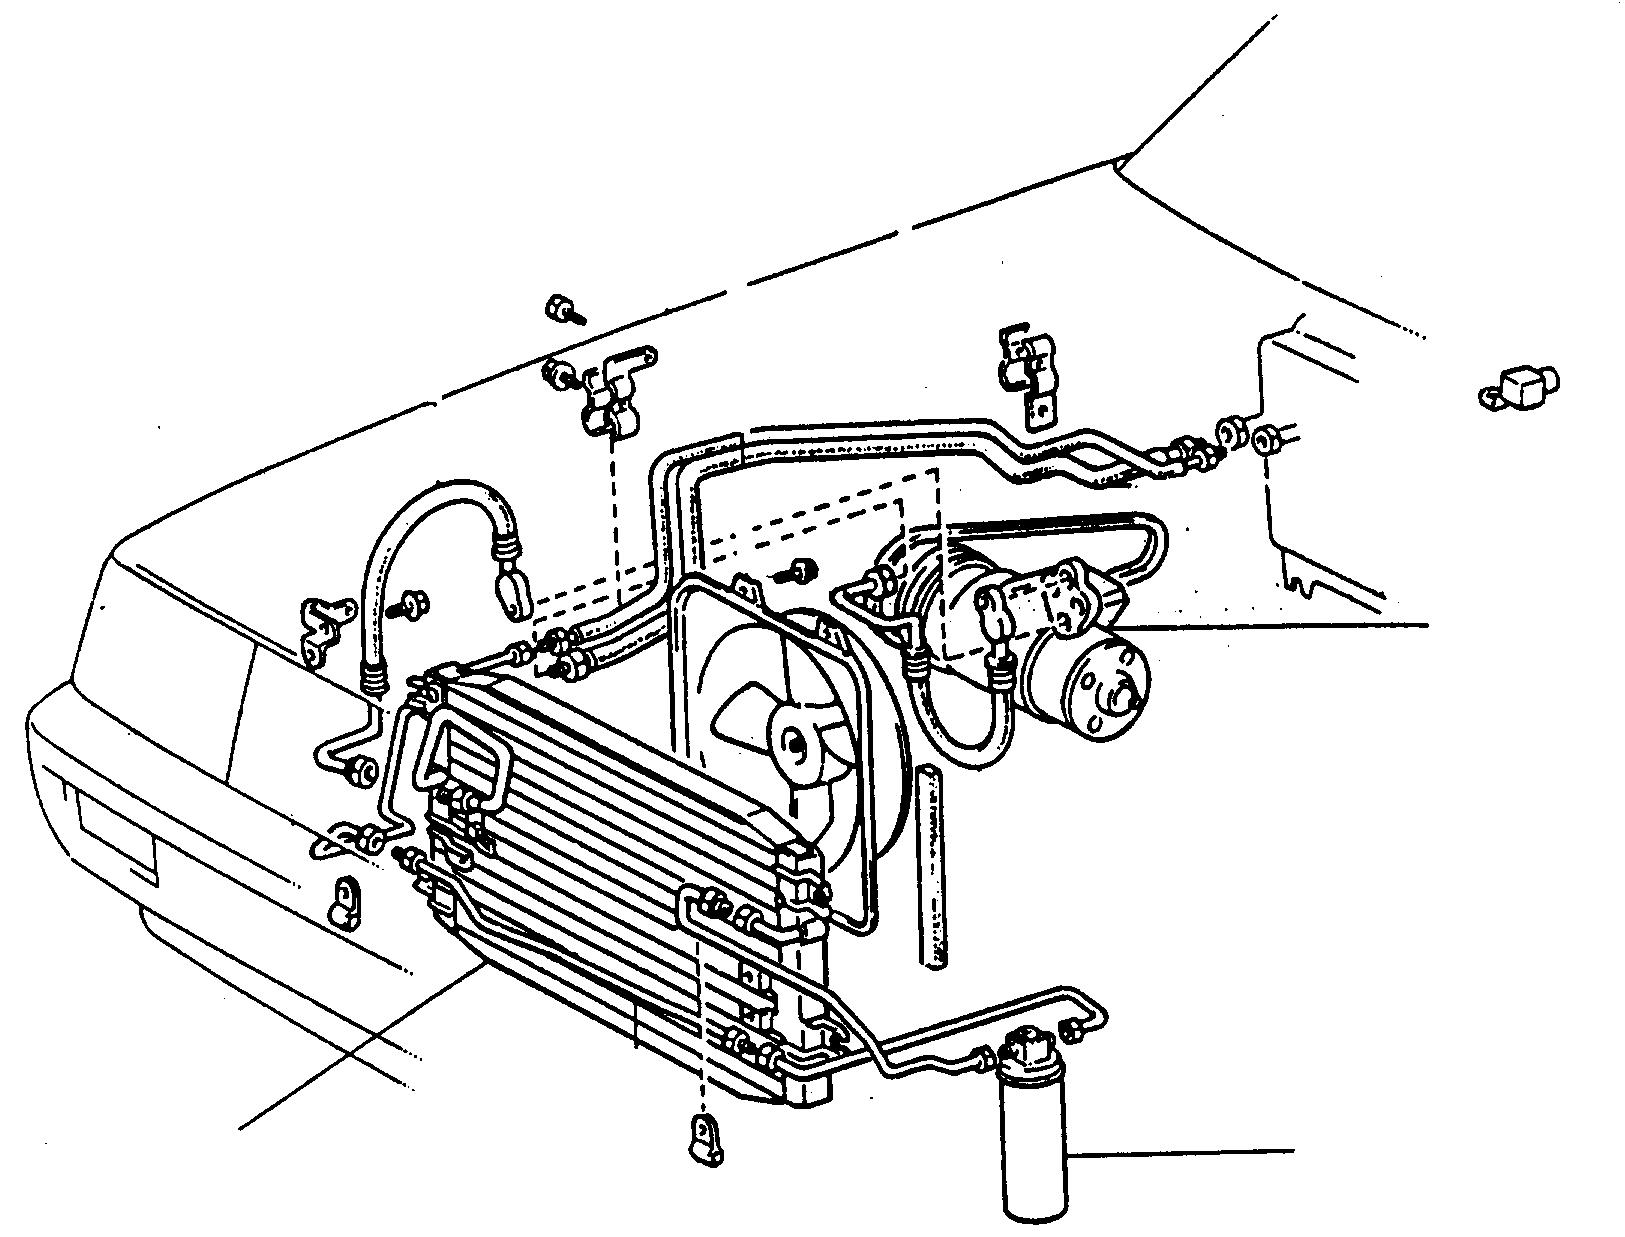 Cara kerja Air Conditioner | Machine Repair